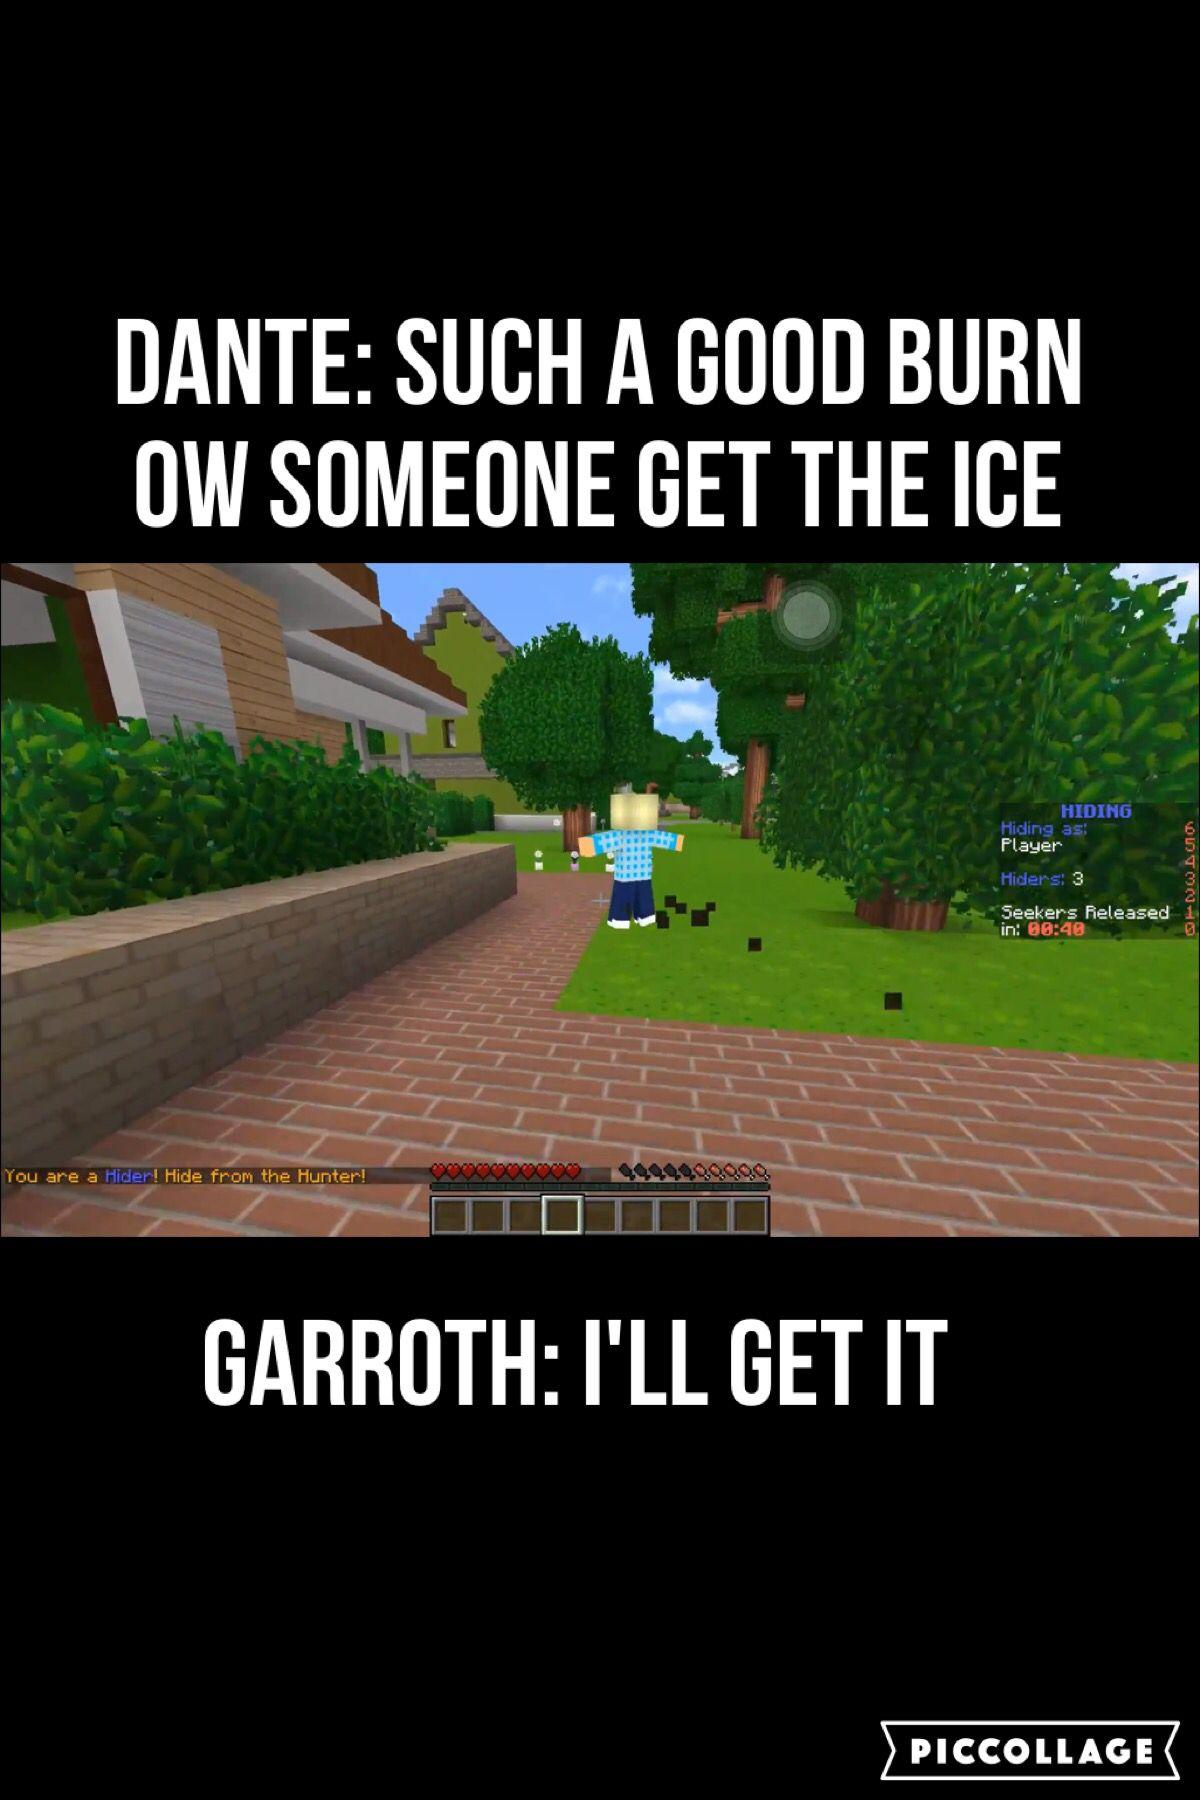 Go Get It Garroth Aphmau Aphmau Memes Aphmau Youtube